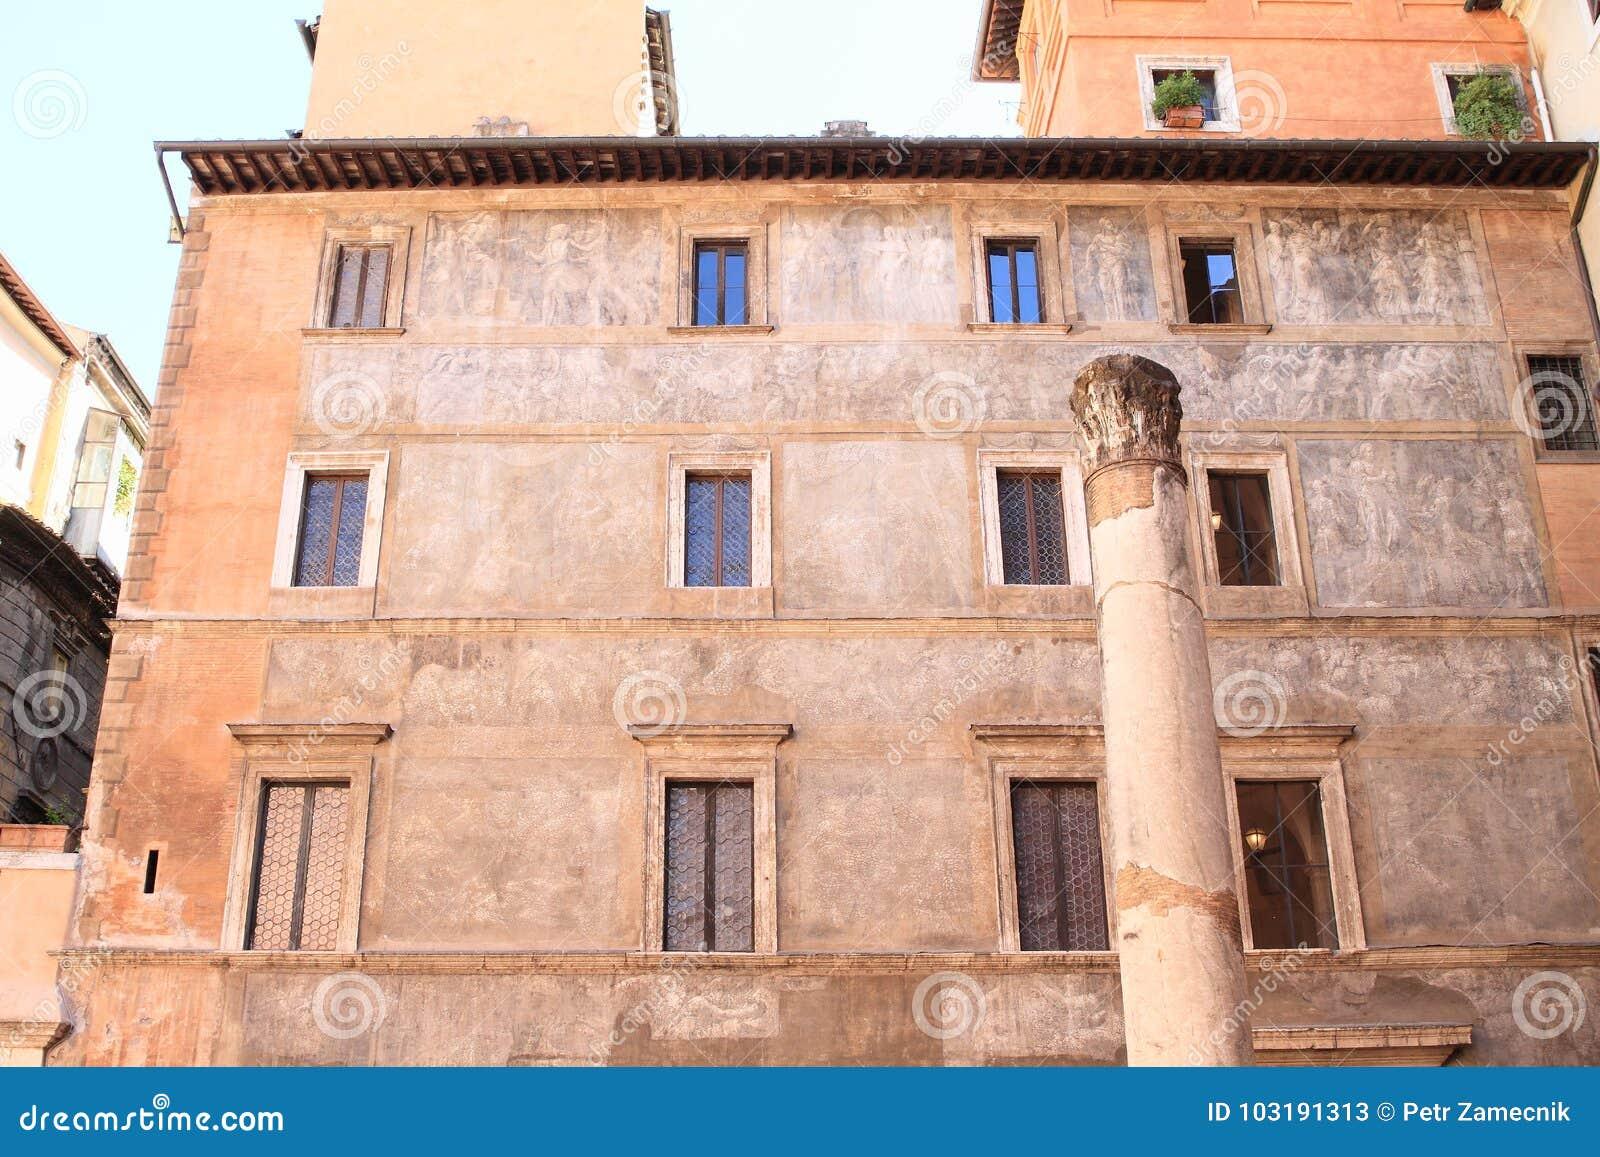 Colonne antique à Rome